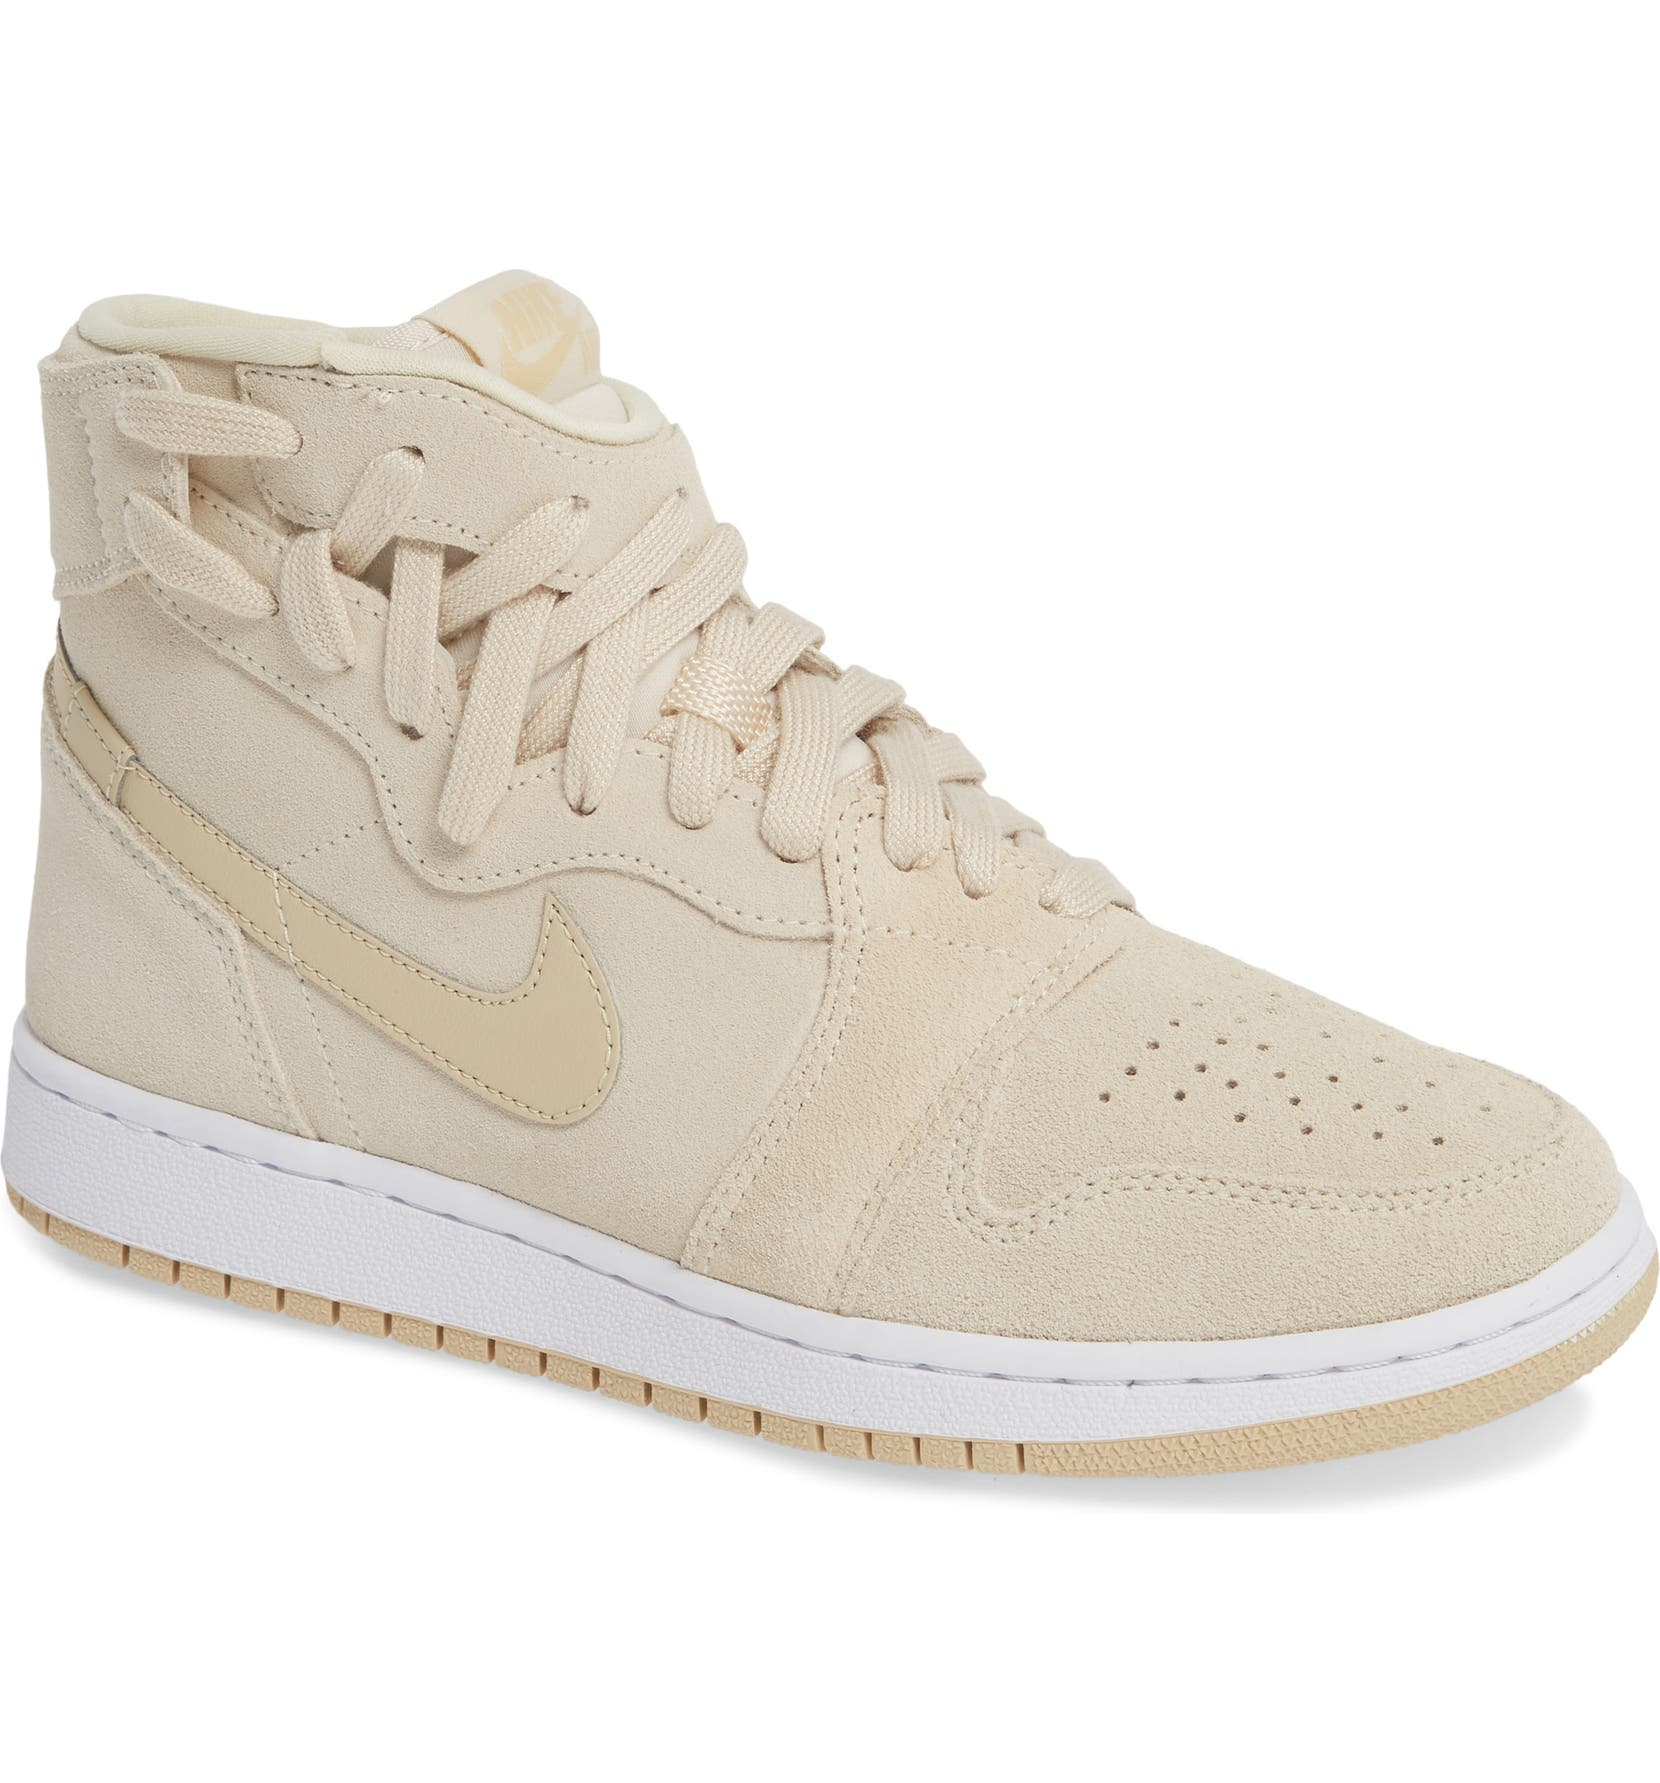 4a601b06516 Nike Air Jordan 1 Rebel XX High Top Sneaker (Women) | Nordstrom